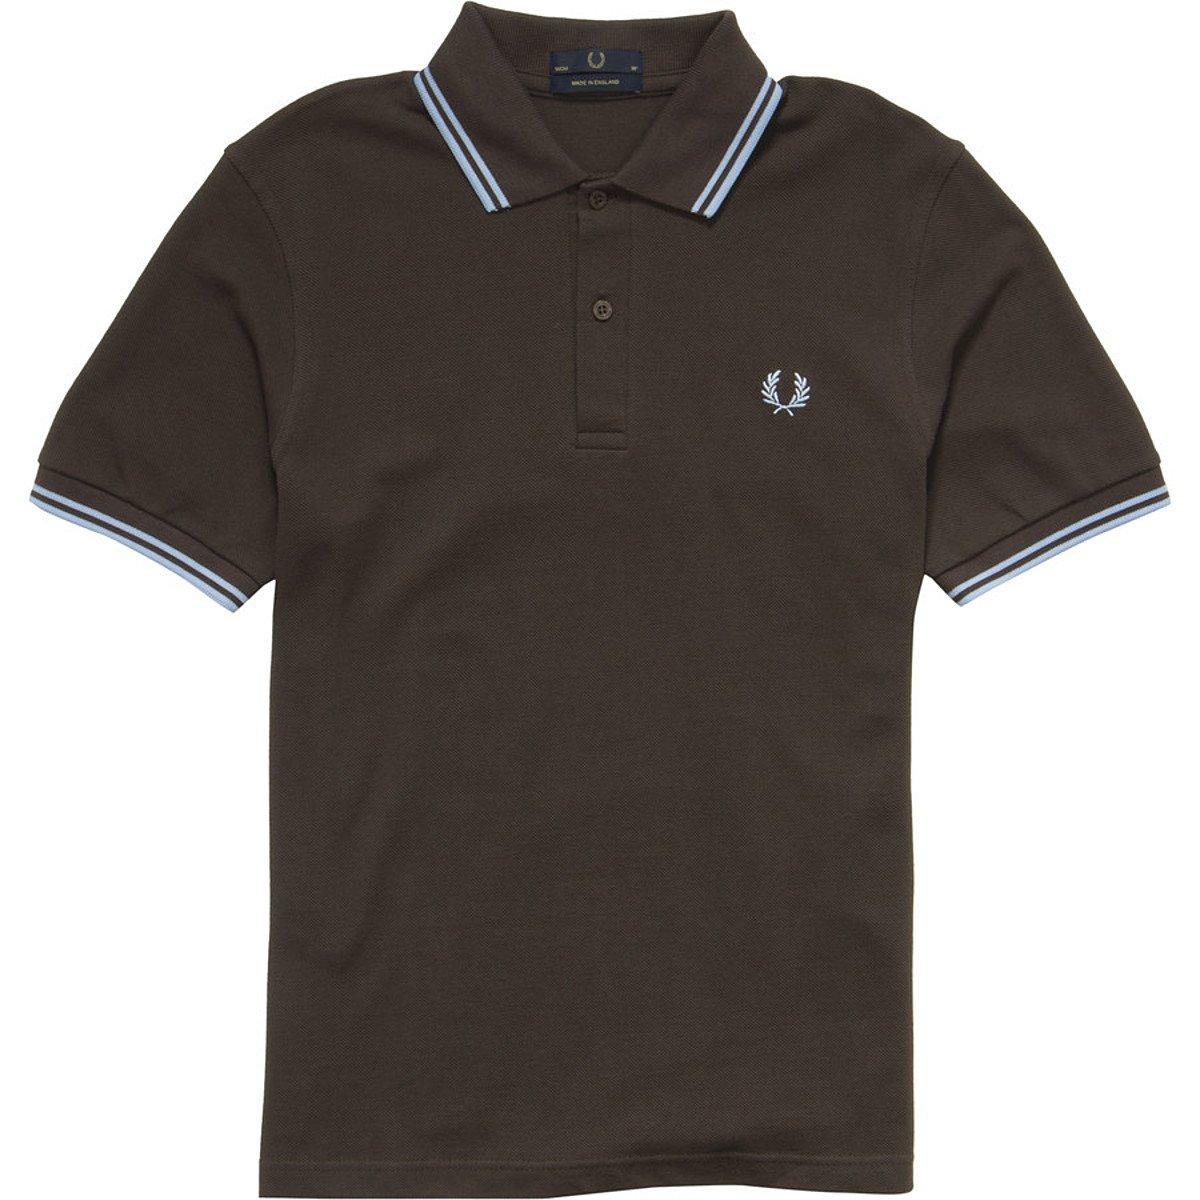 [フレッドペリー]ポロシャツ TWIN TIPPED FRED PERRY SHIRT M12N メンズ B003Z9ESSI XXL/46|Chocolate/Ice Chocolate/Ice XXL/46